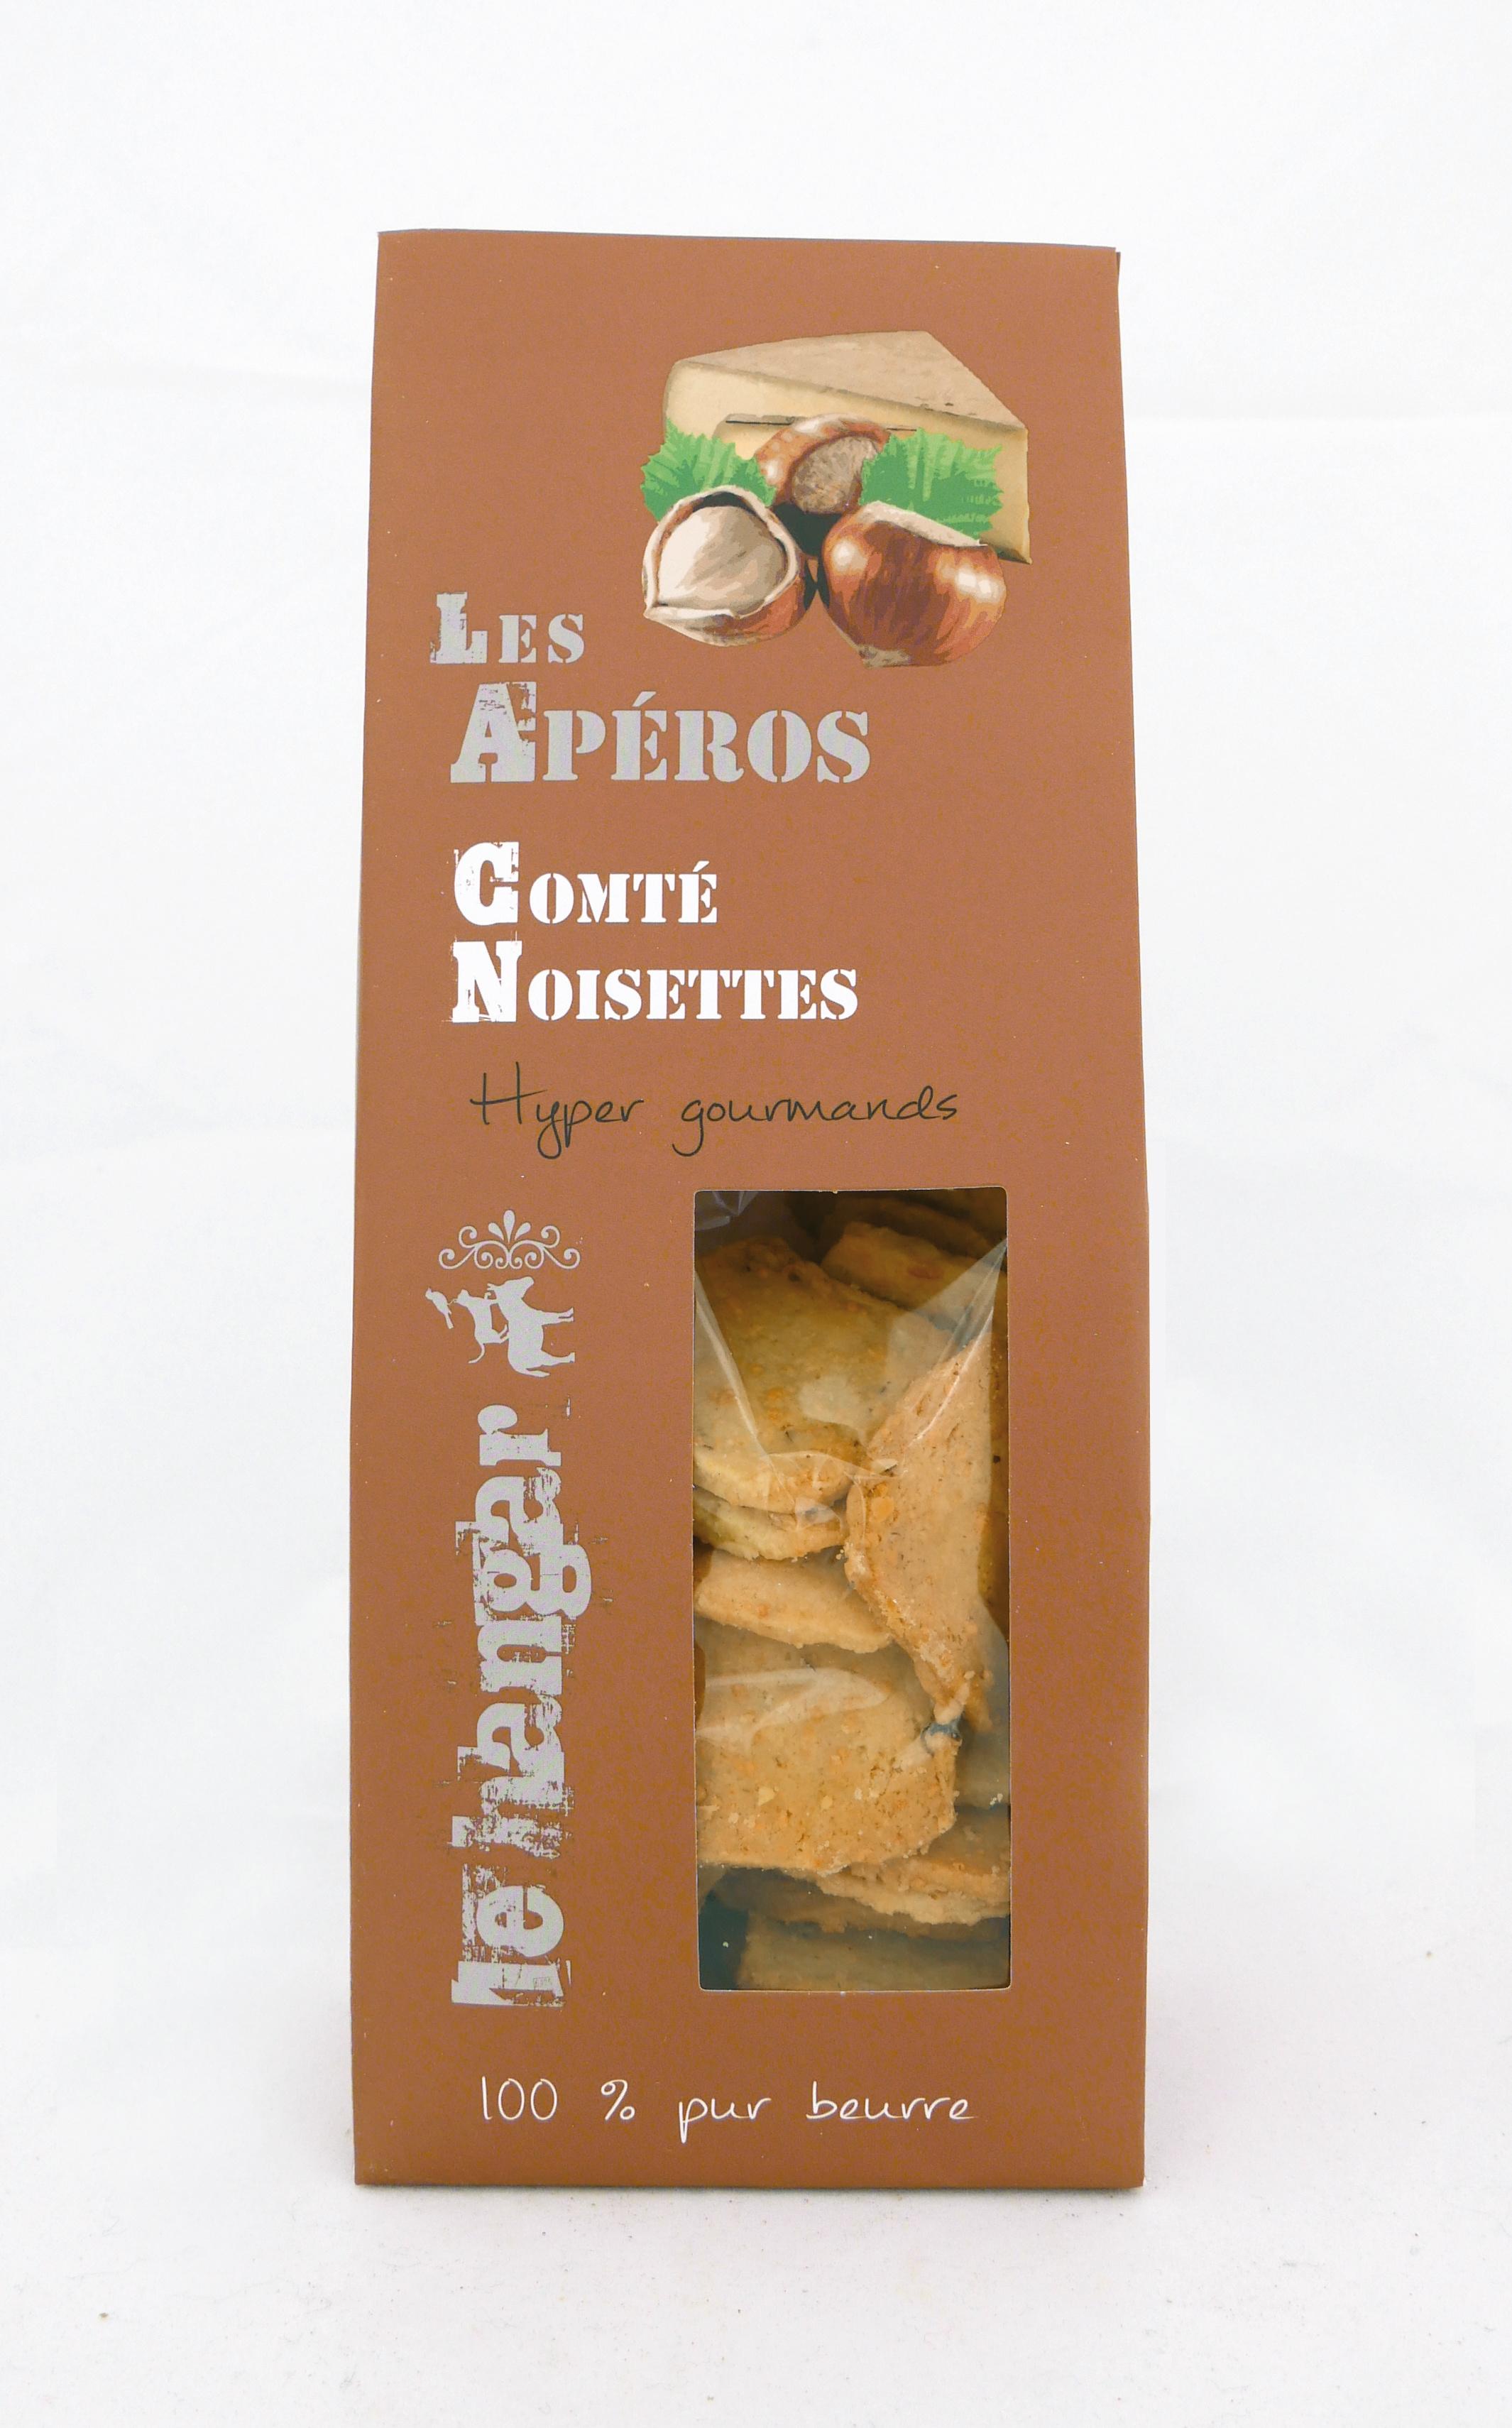 Apéro Comte noisette